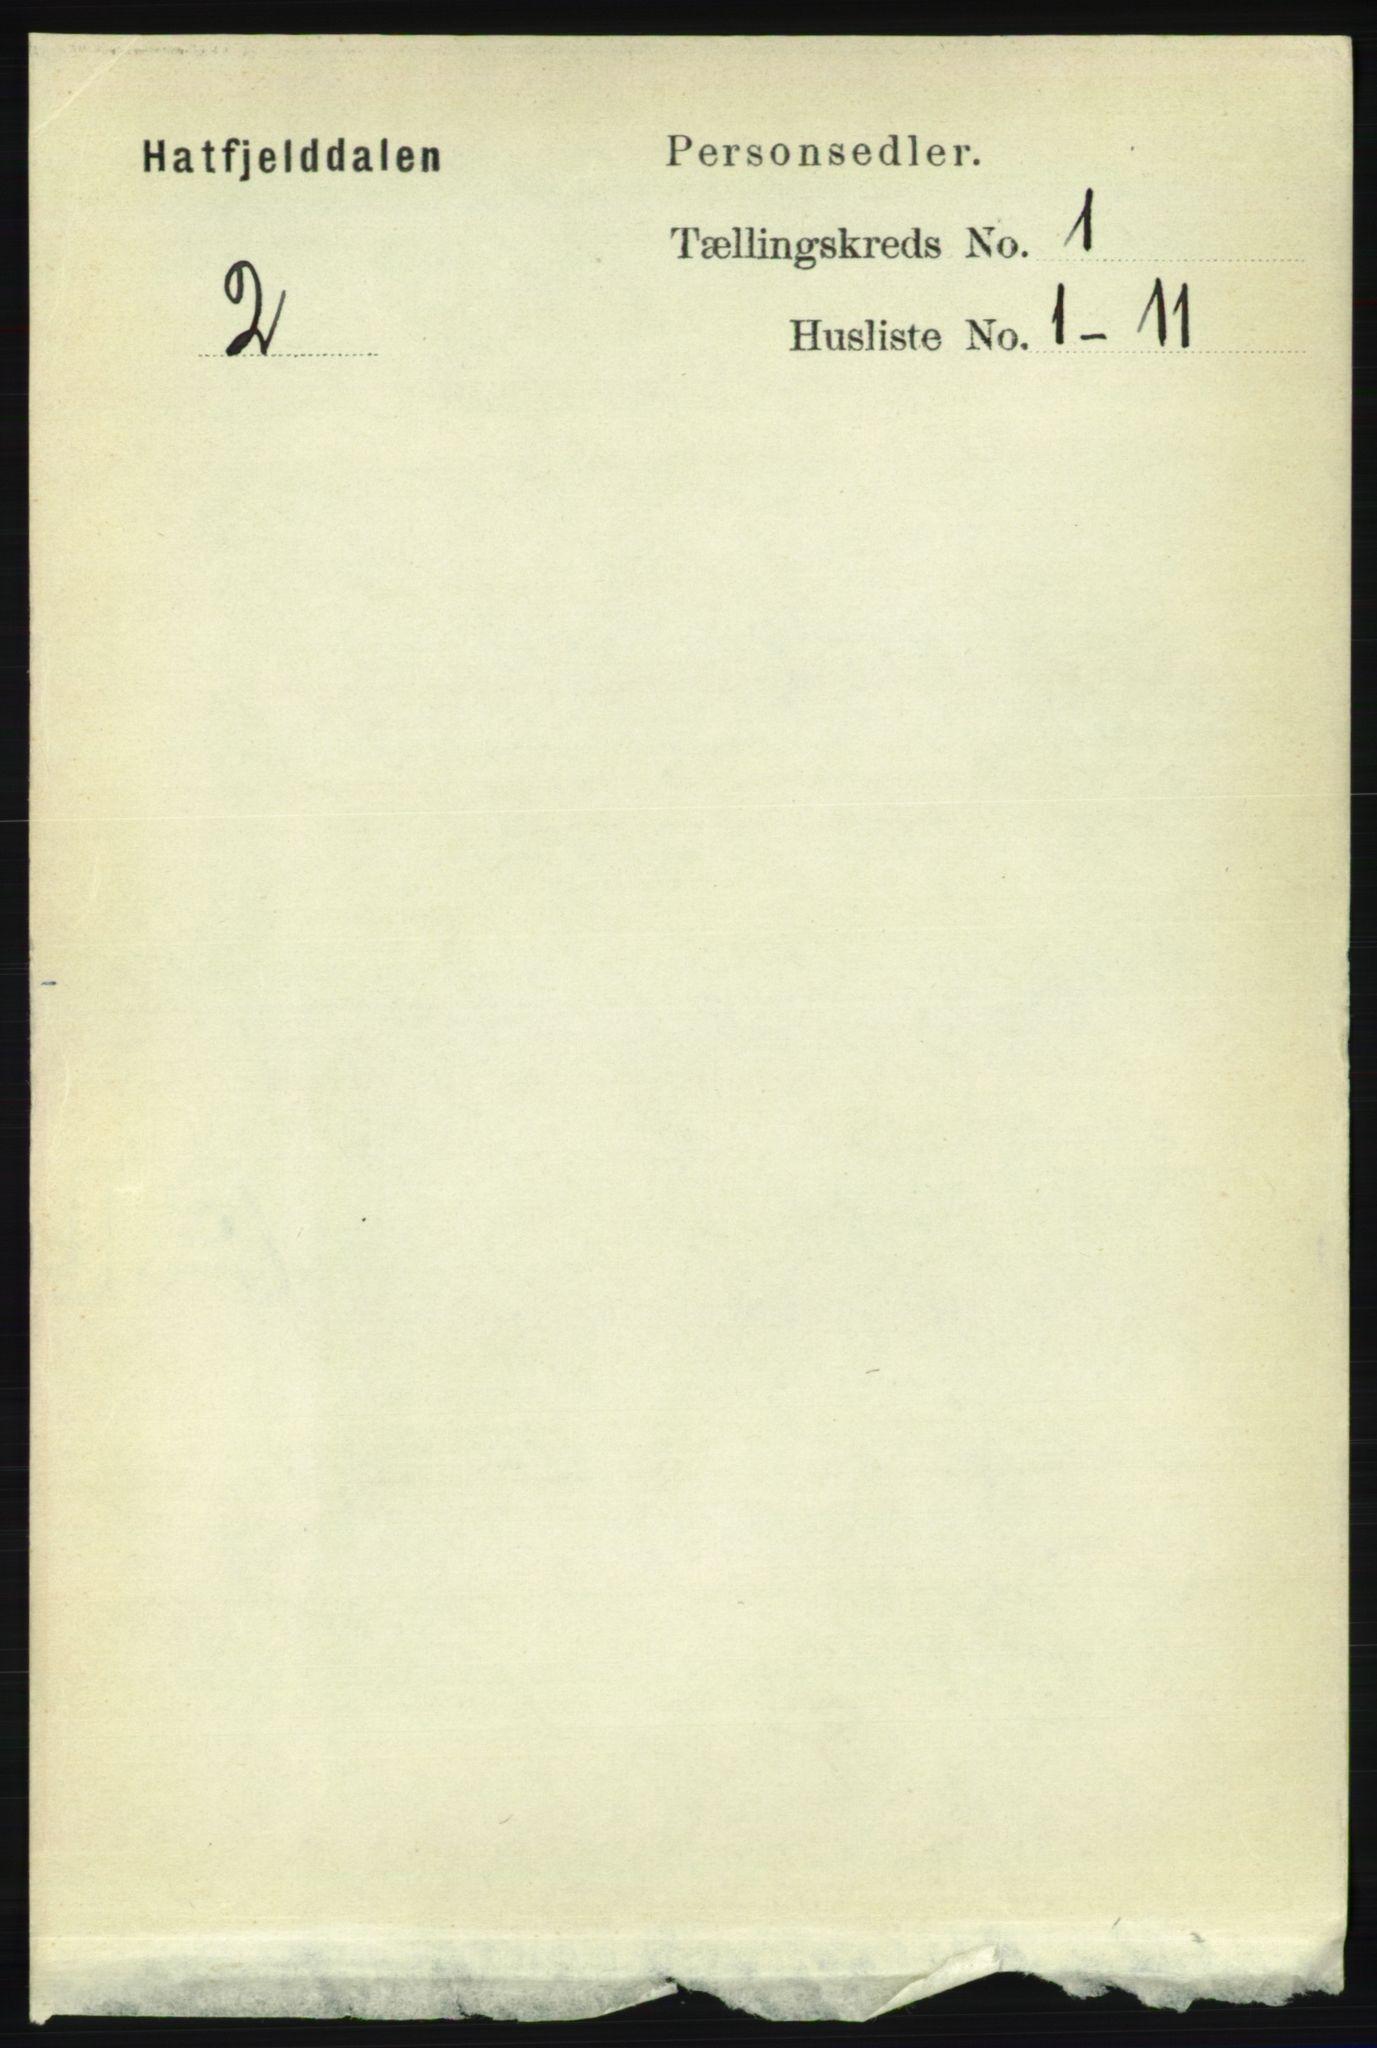 RA, Folketelling 1891 for 1826 Hattfjelldal herred, 1891, s. 38